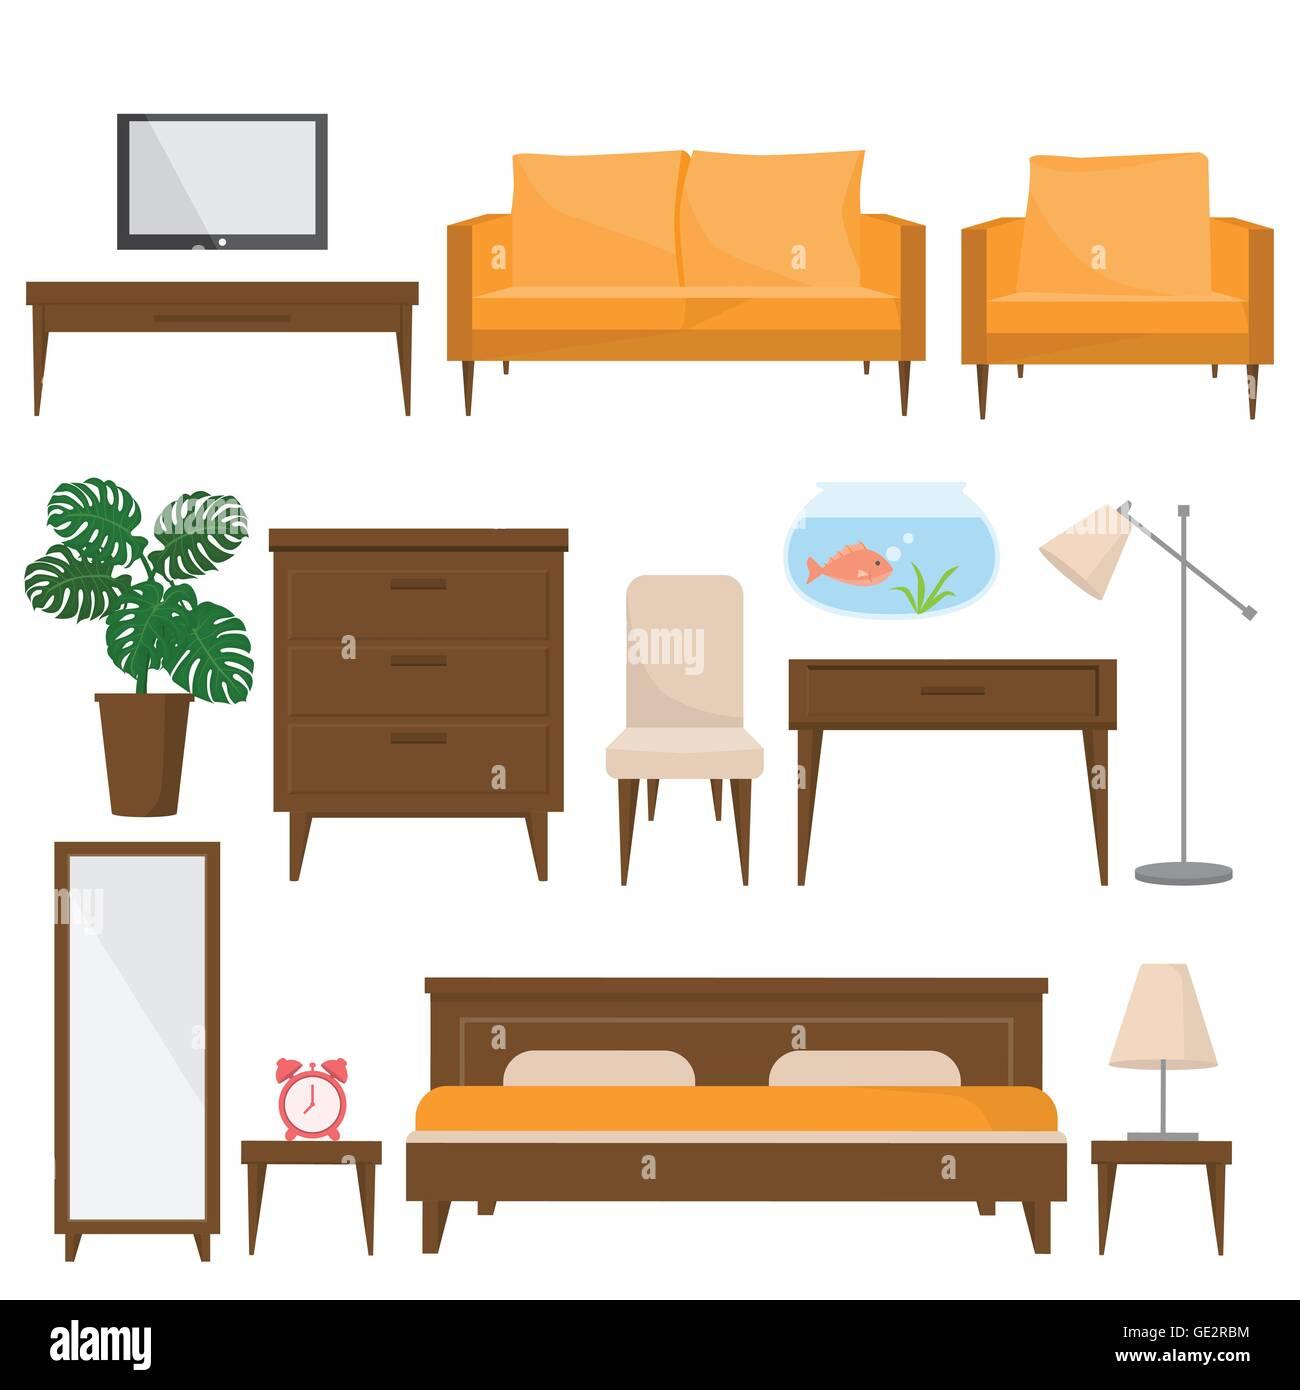 Wohnzimmer, Bett Zimmer Und Büro Möbel Im Modernen Stil. Schöne  Design Elemente, Perfekt Für Jedes Unternehmen Im Zusammenhang Mit Der F